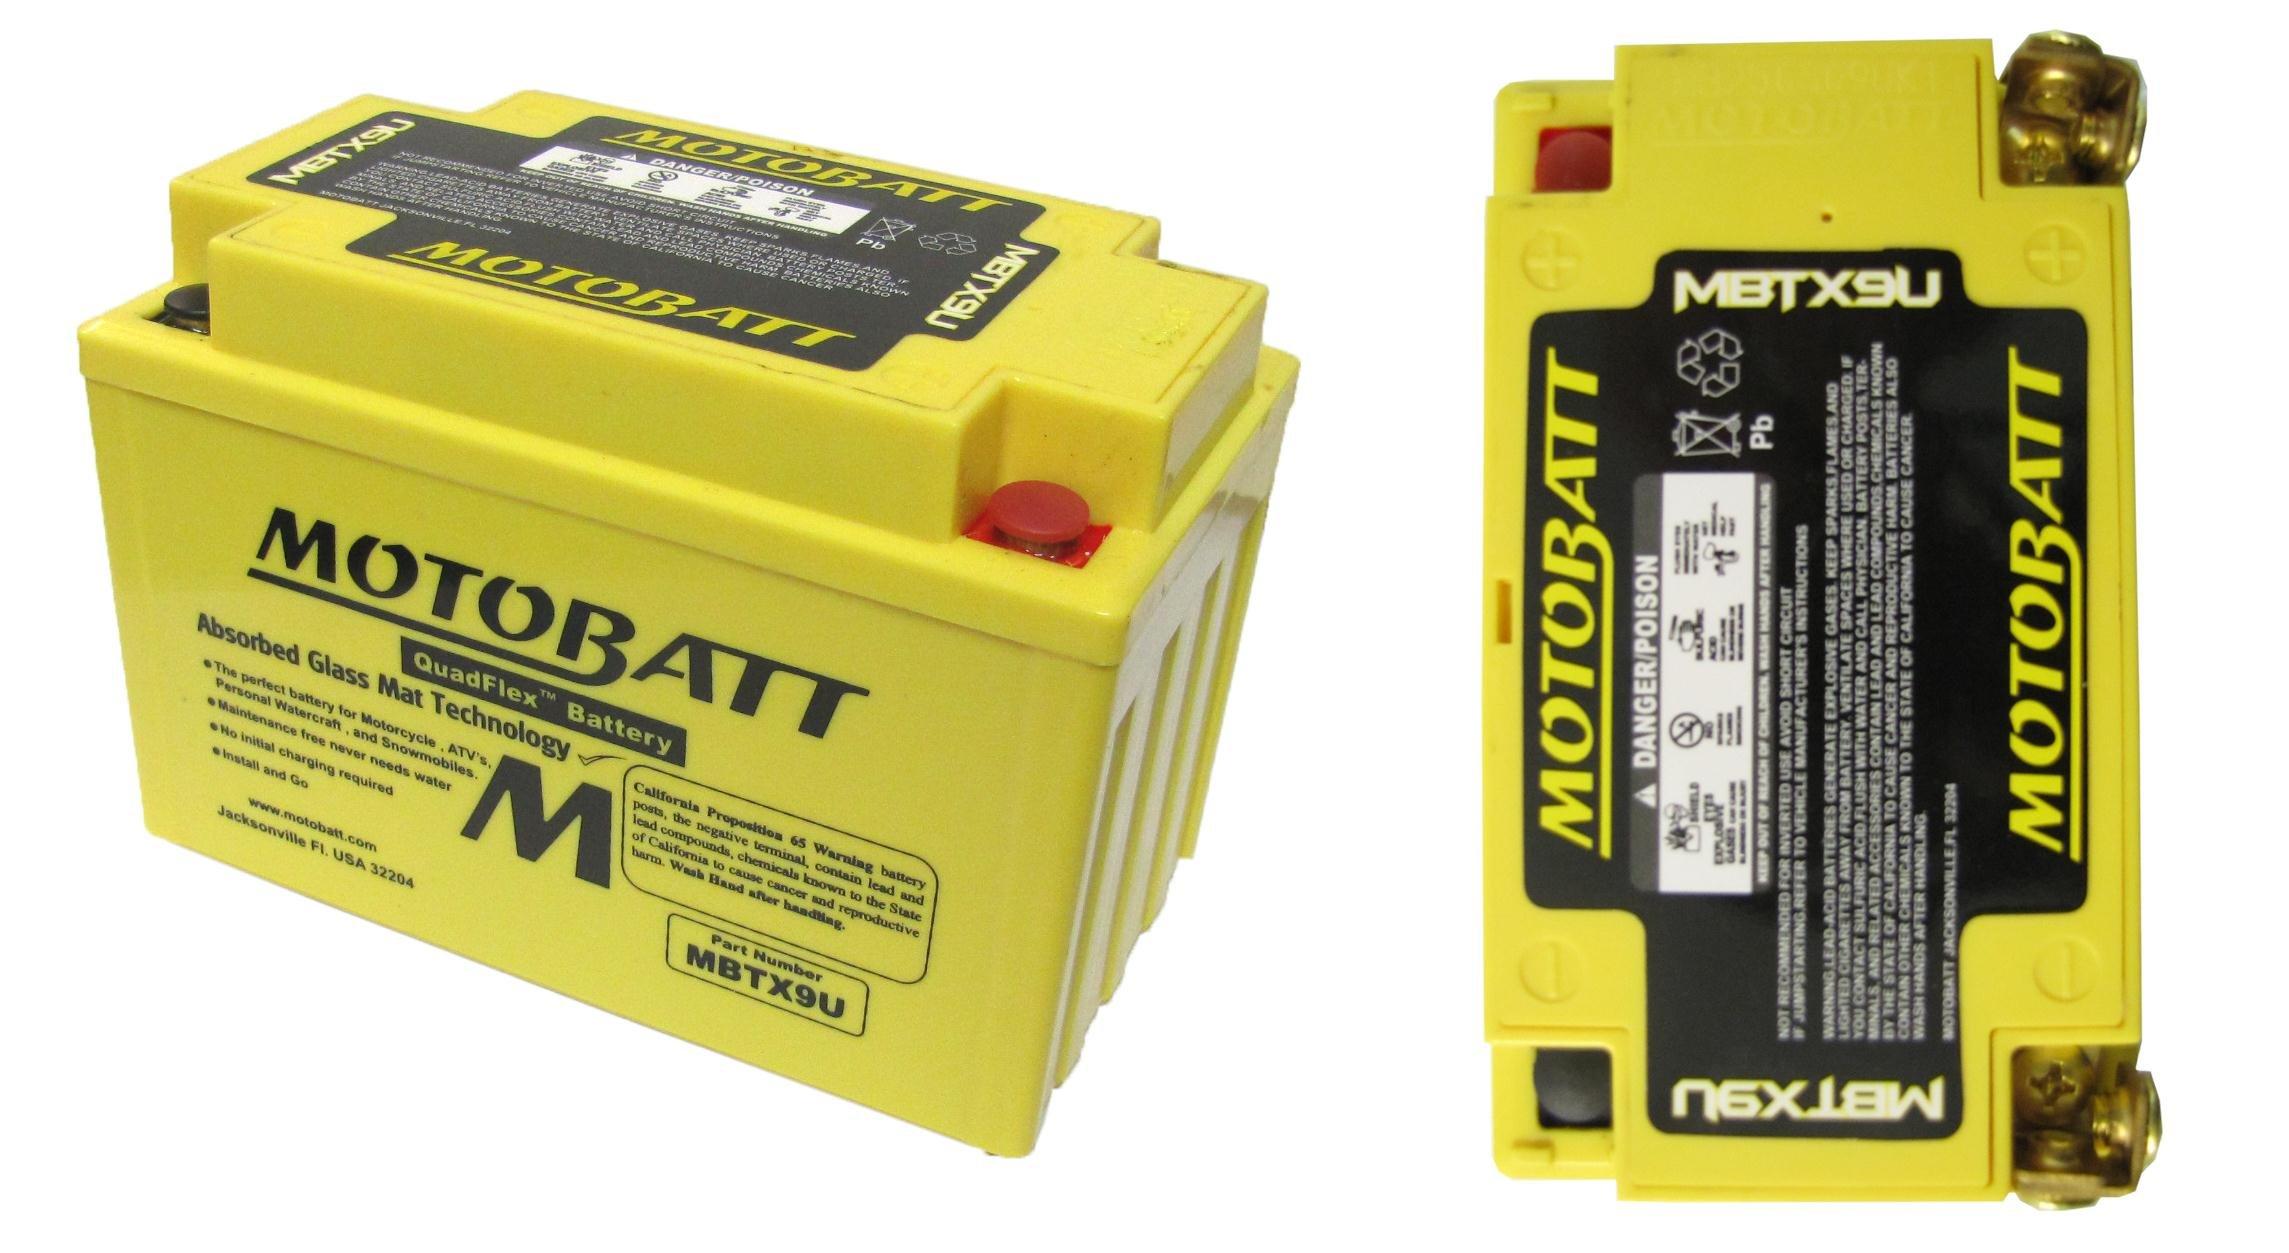 Honda VFR 1200 FC MBTX9U batteria moto 2012